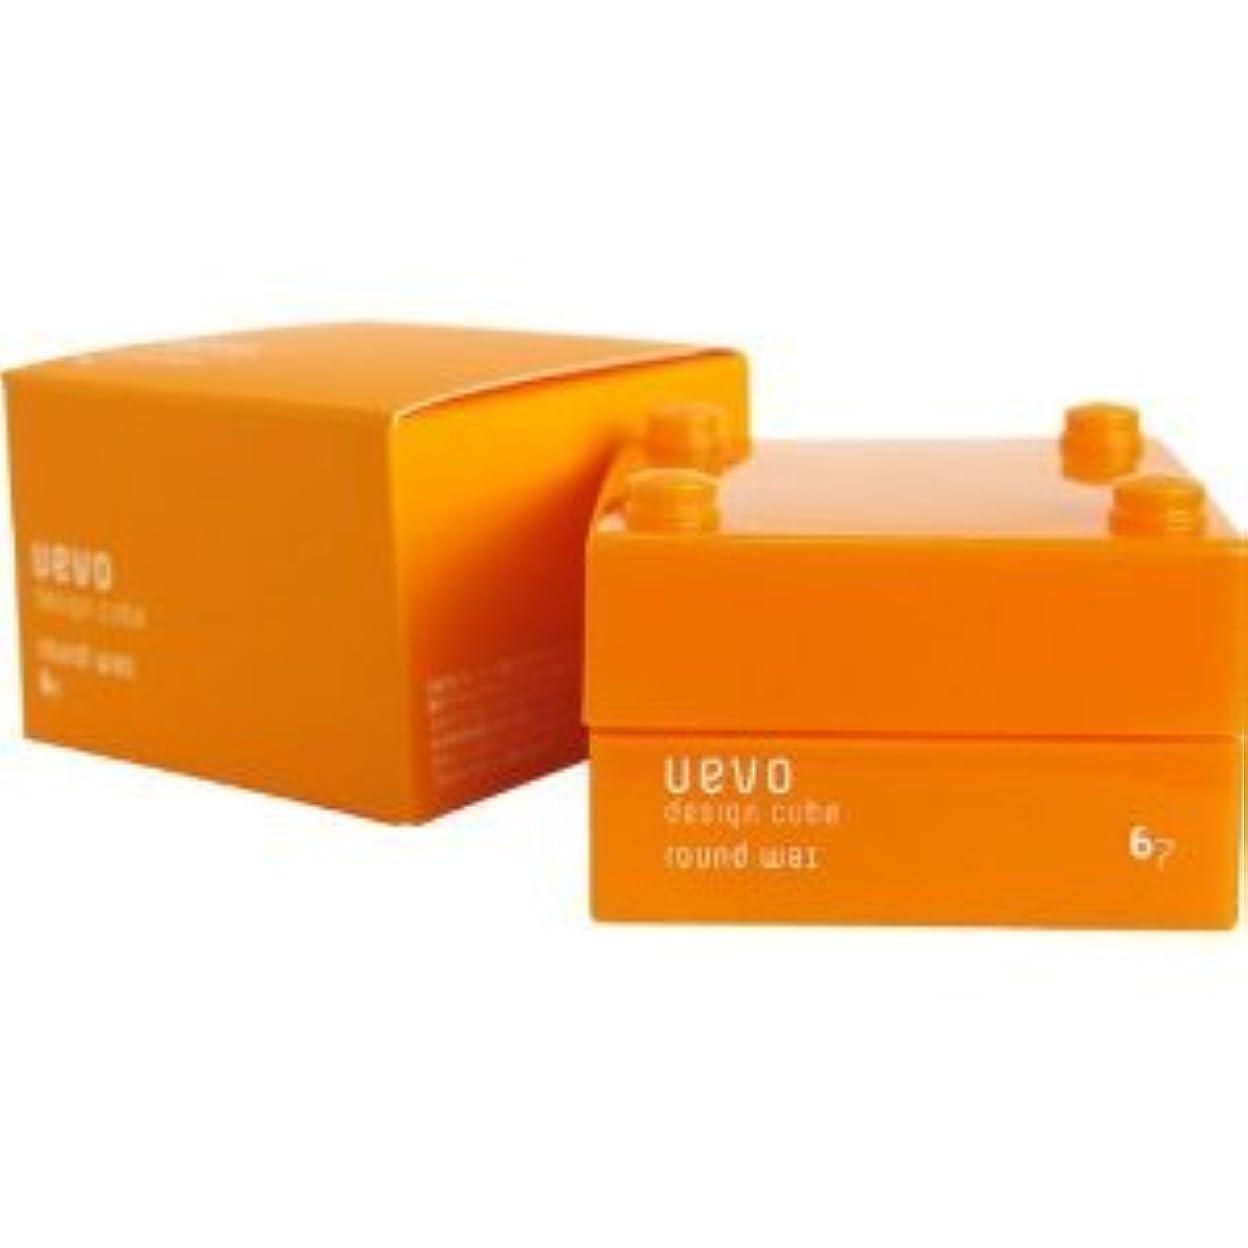 クリエイティブイーウェルアルバニー【X3個セット】 デミ ウェーボ デザインキューブ ラウンドワックス 30g round wax DEMI uevo design cube